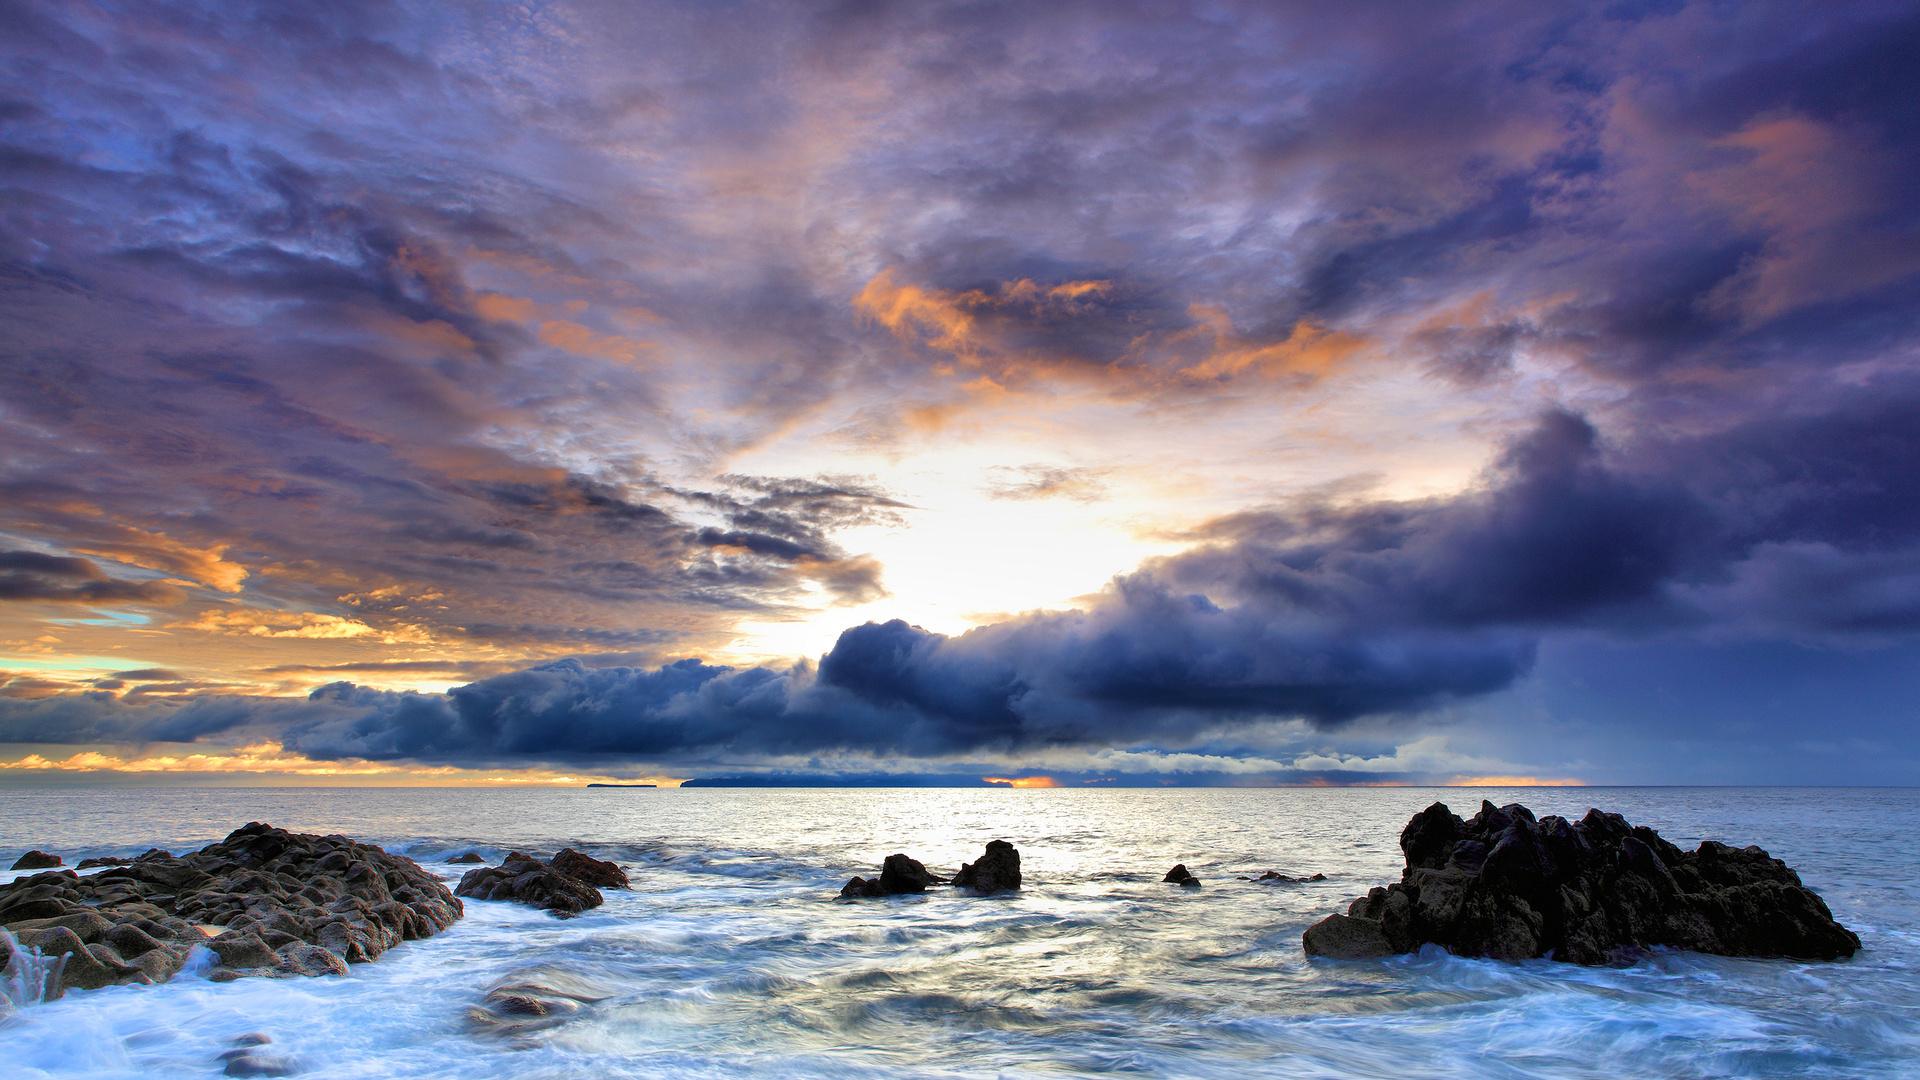 Sfondi mare rocce nuvole tramonto natura foto 1920x1080 natura